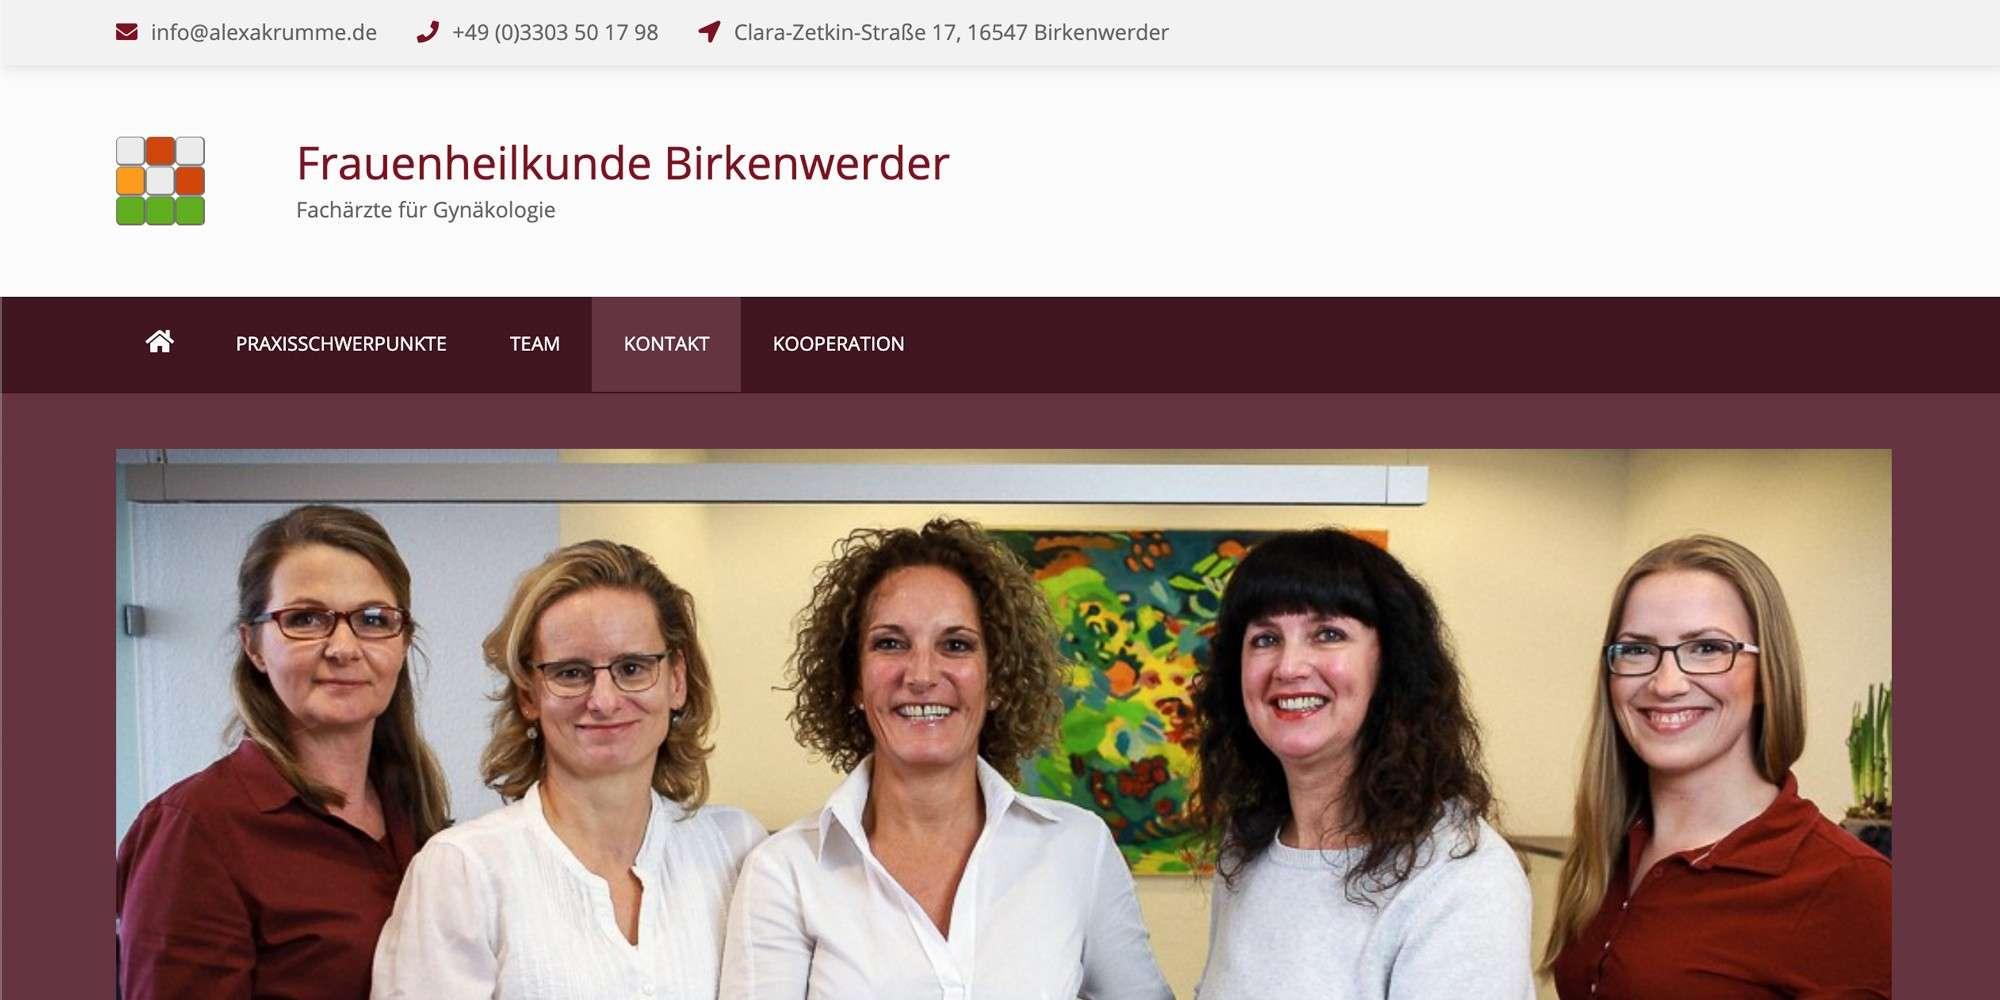 Merlin Rose Webdesign Referenzen - Frauenheilkunde Birkenwerder